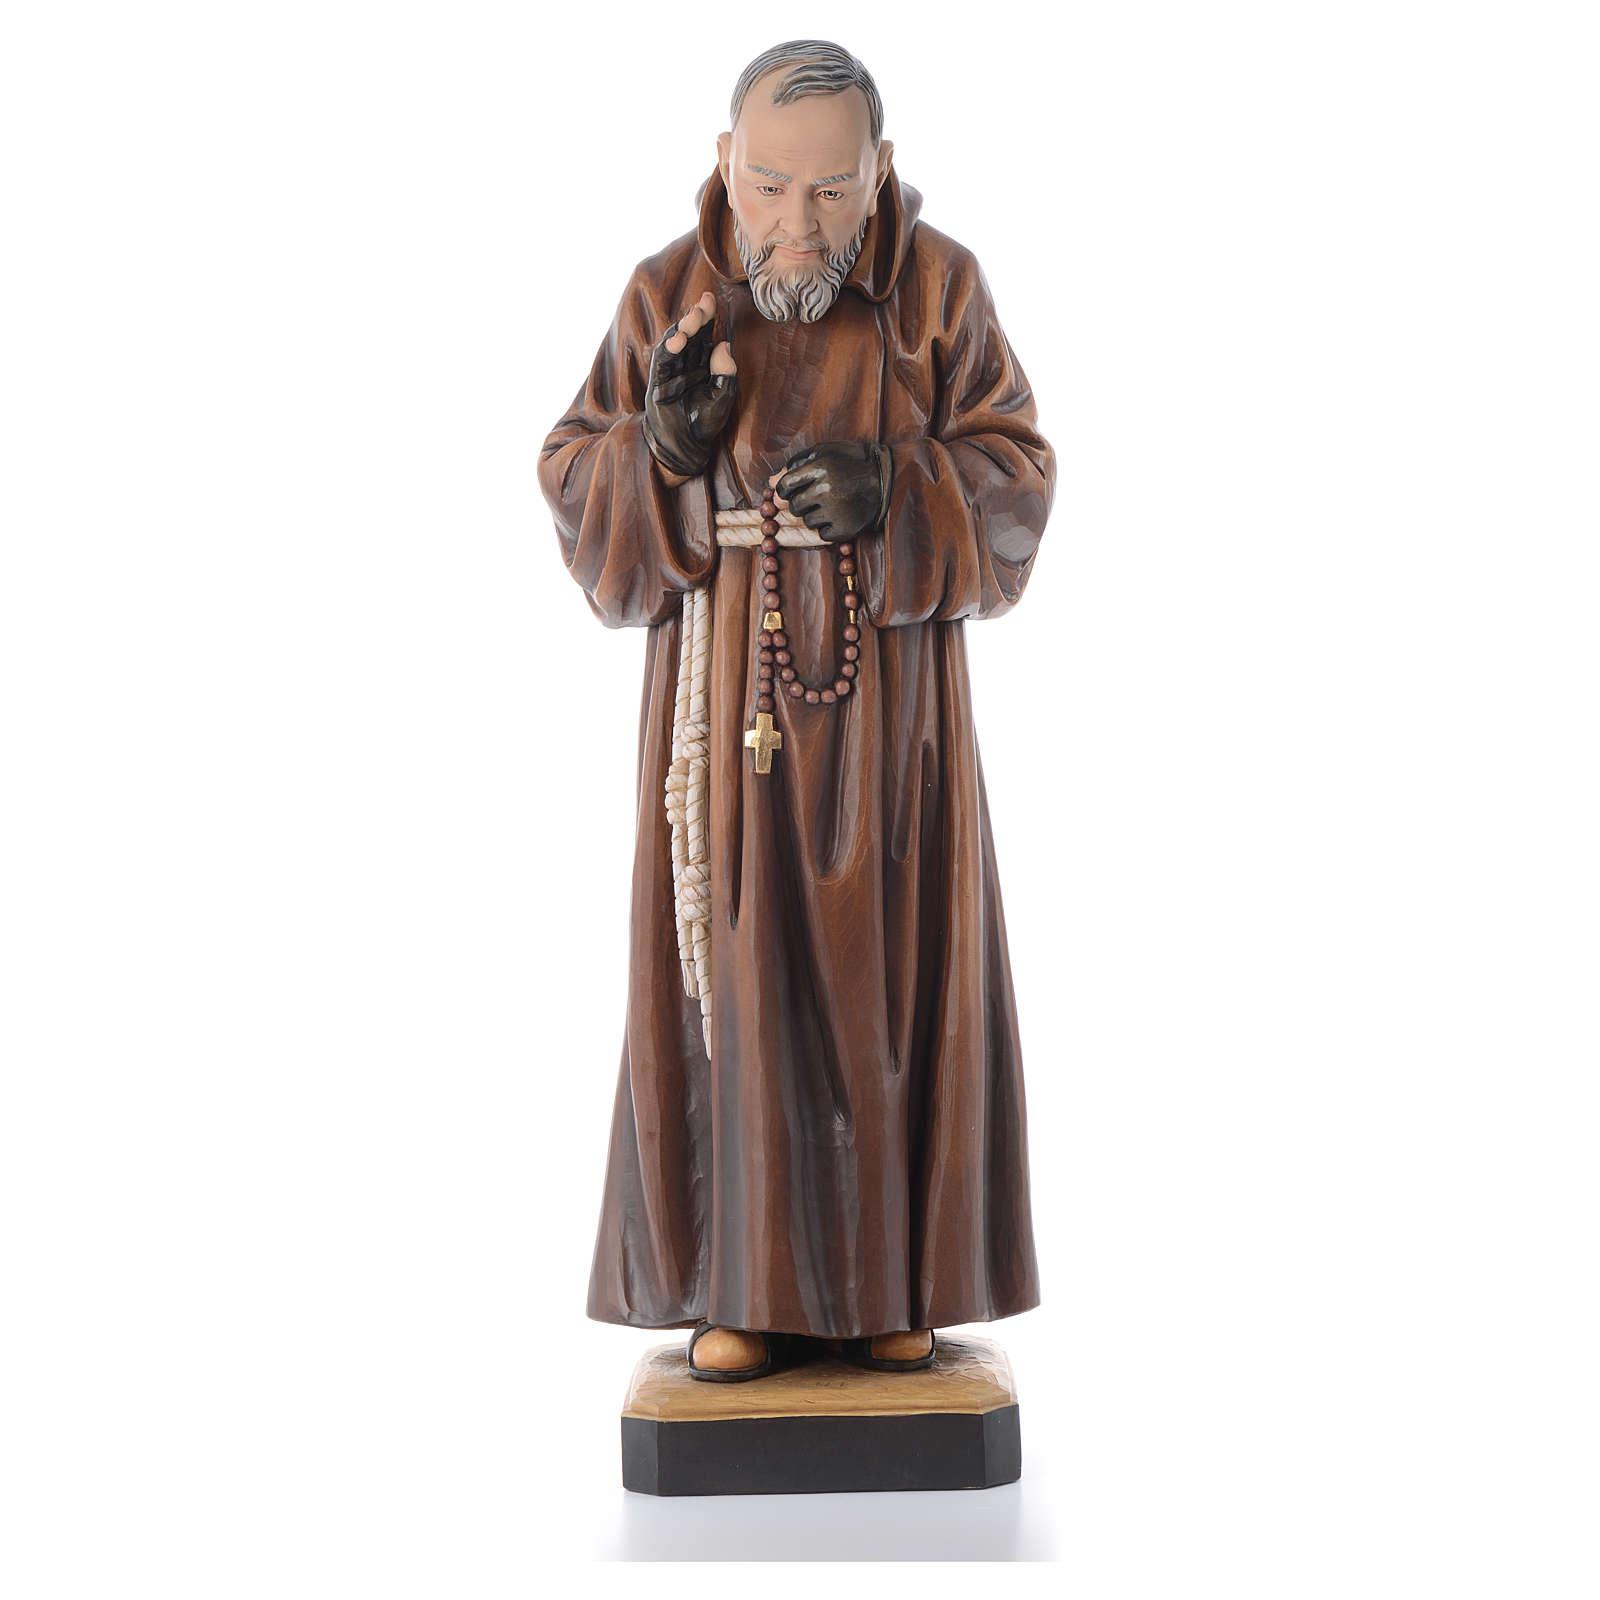 Statue aus Holz Heiliger Pater Pio aus Pietrelcina farbig gefasst 4